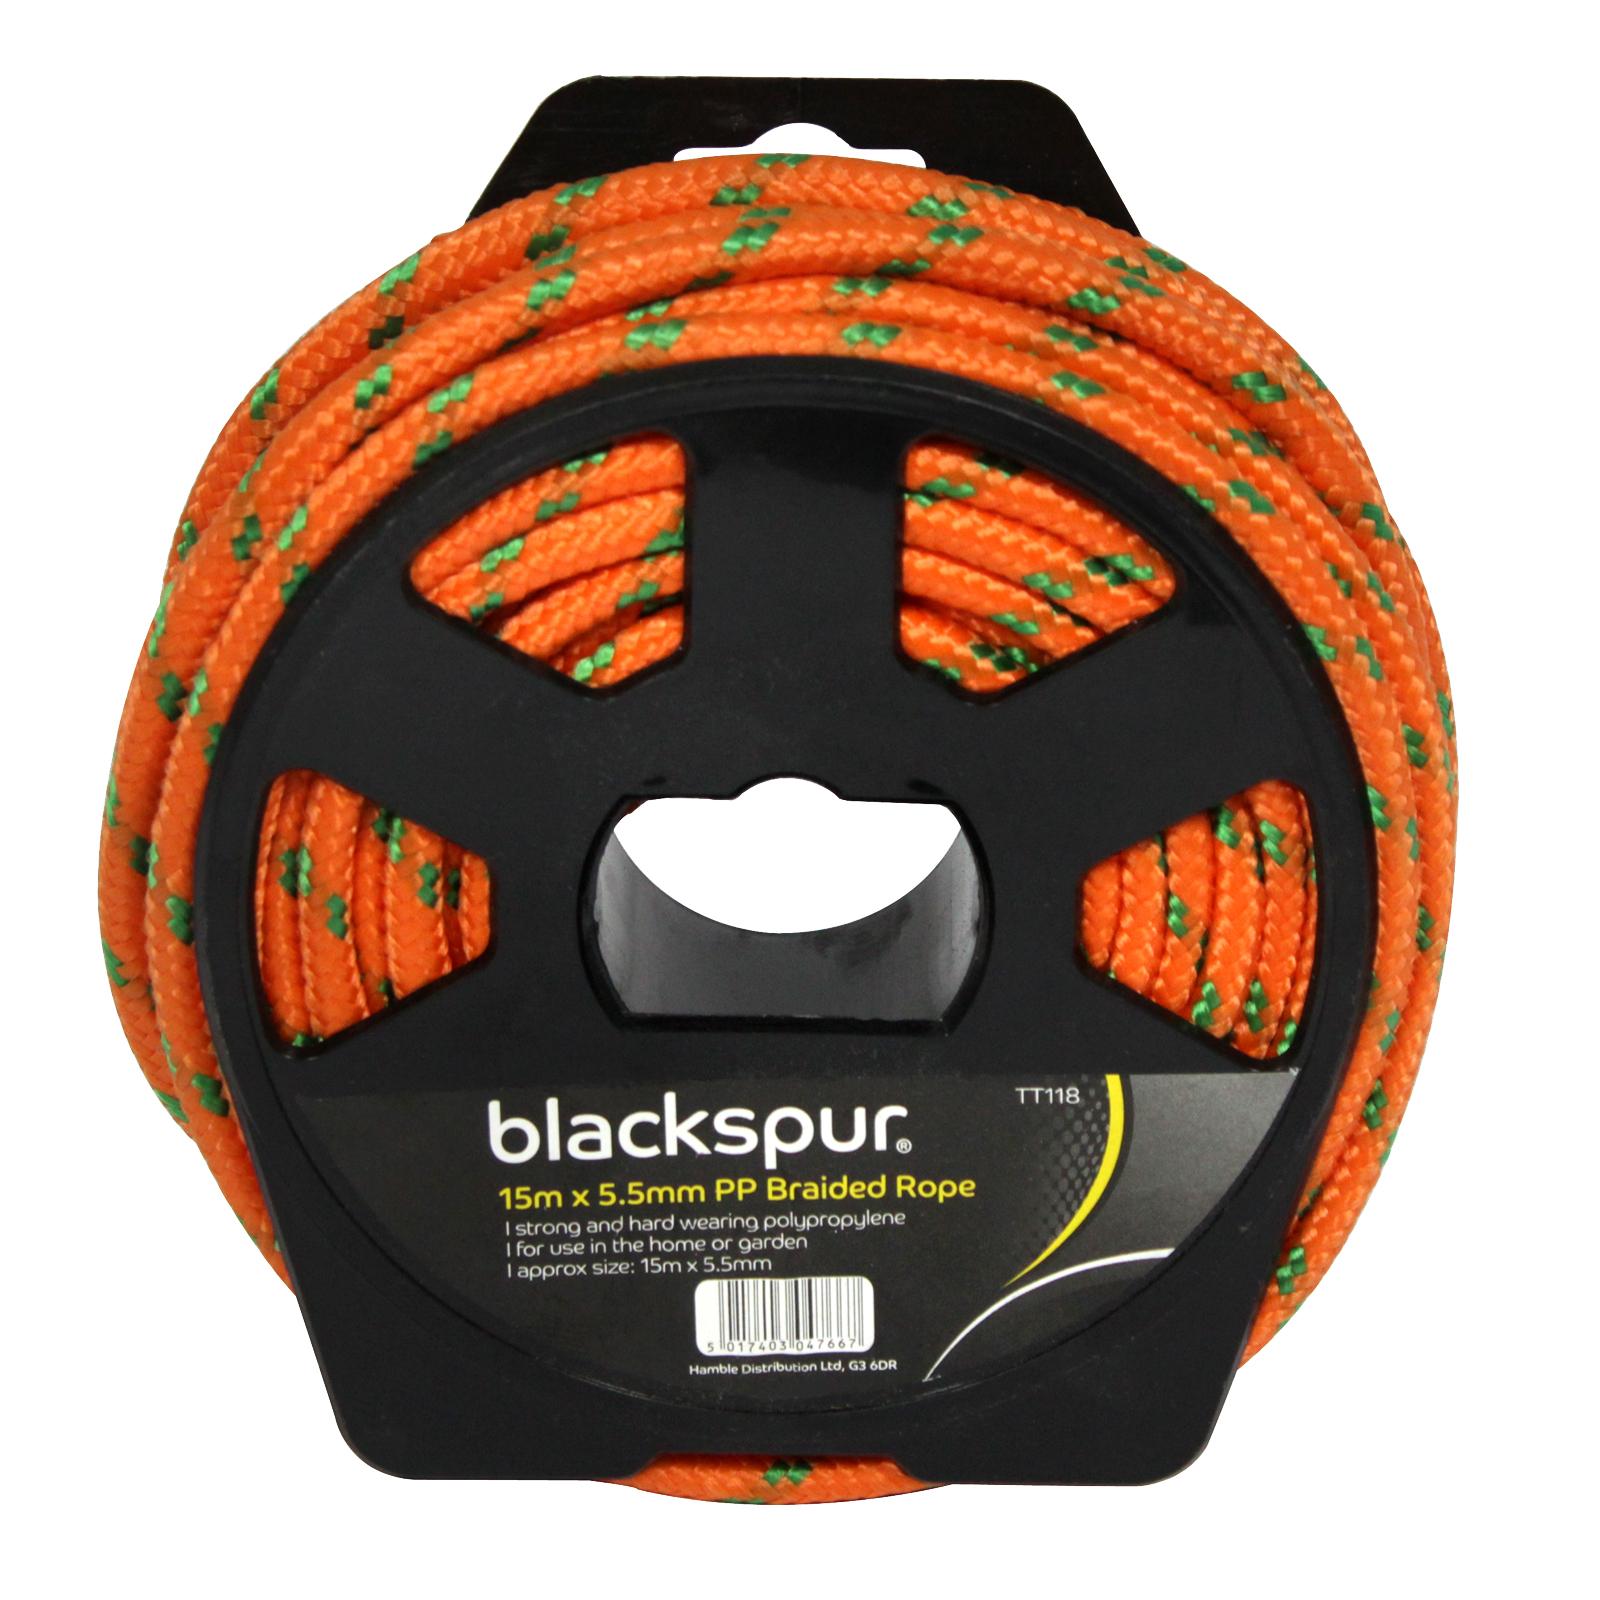 BLACKSPUR PP BRAIDED ROPE+REEL 15MX5.5